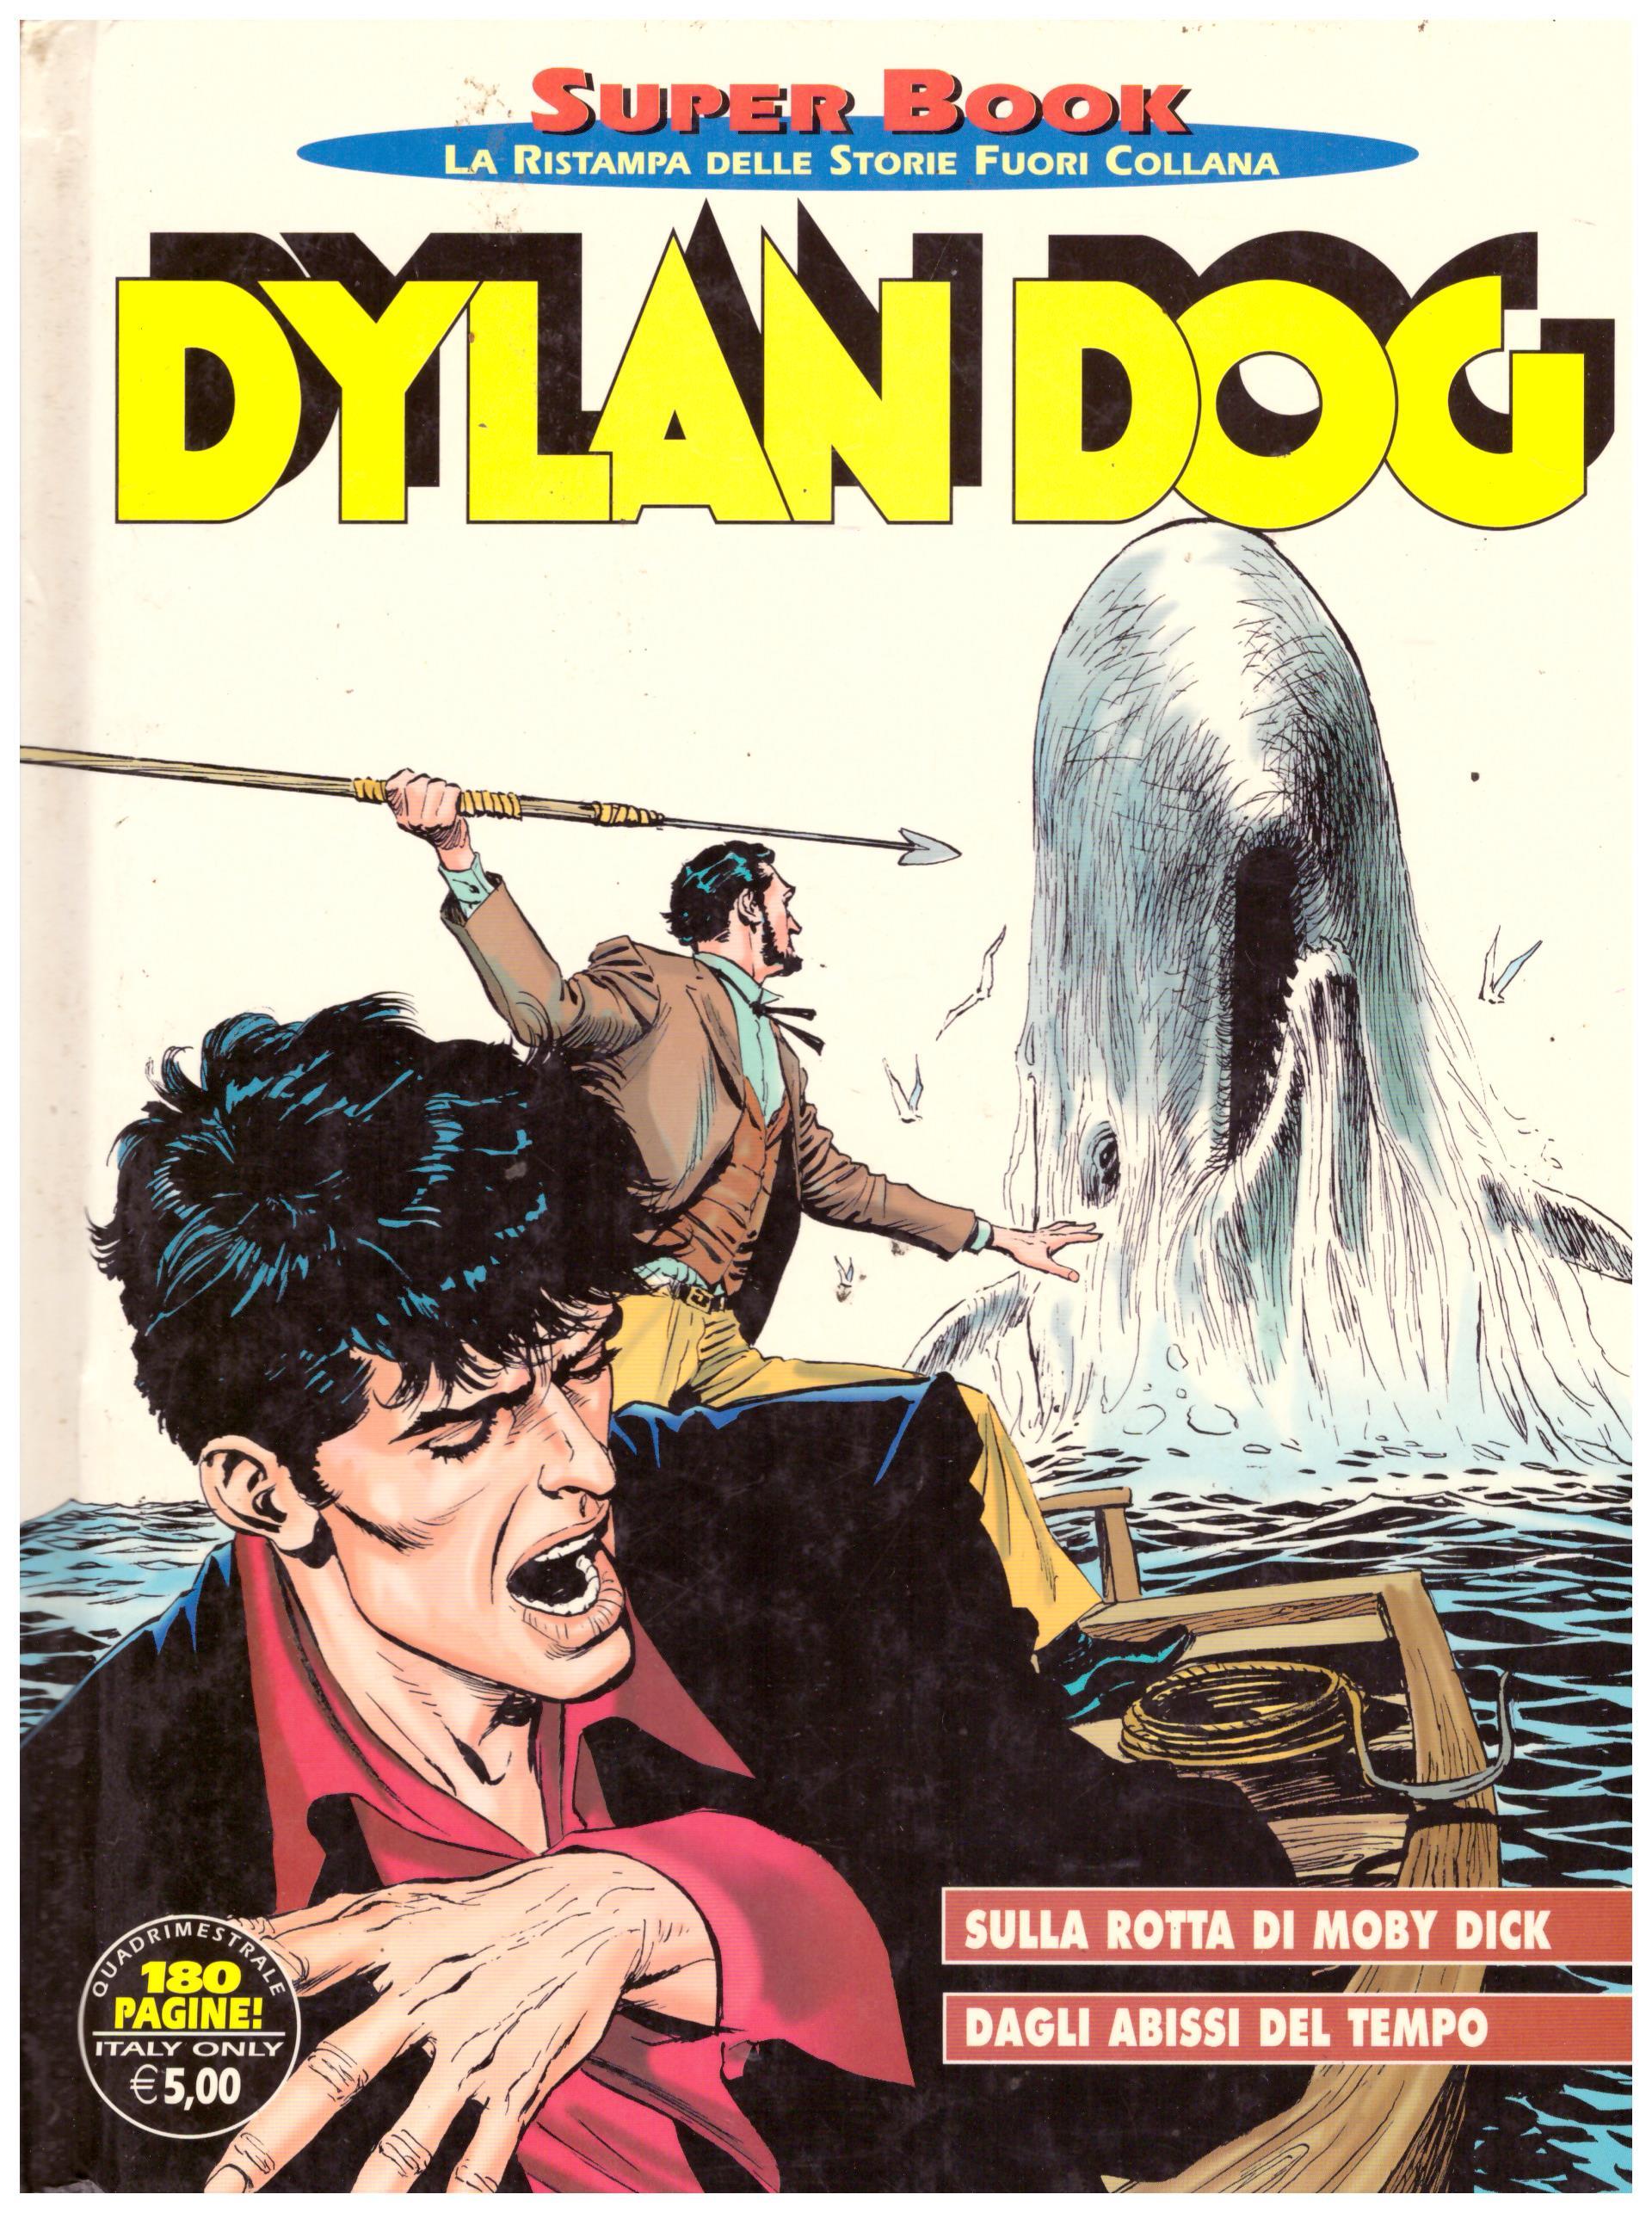 Titolo: Dylan Dog, Sulla rotta di Moby Dick, Dagli abissi del tempo Autore: AA.VV. Editore: Sergio Bonelli, 1996